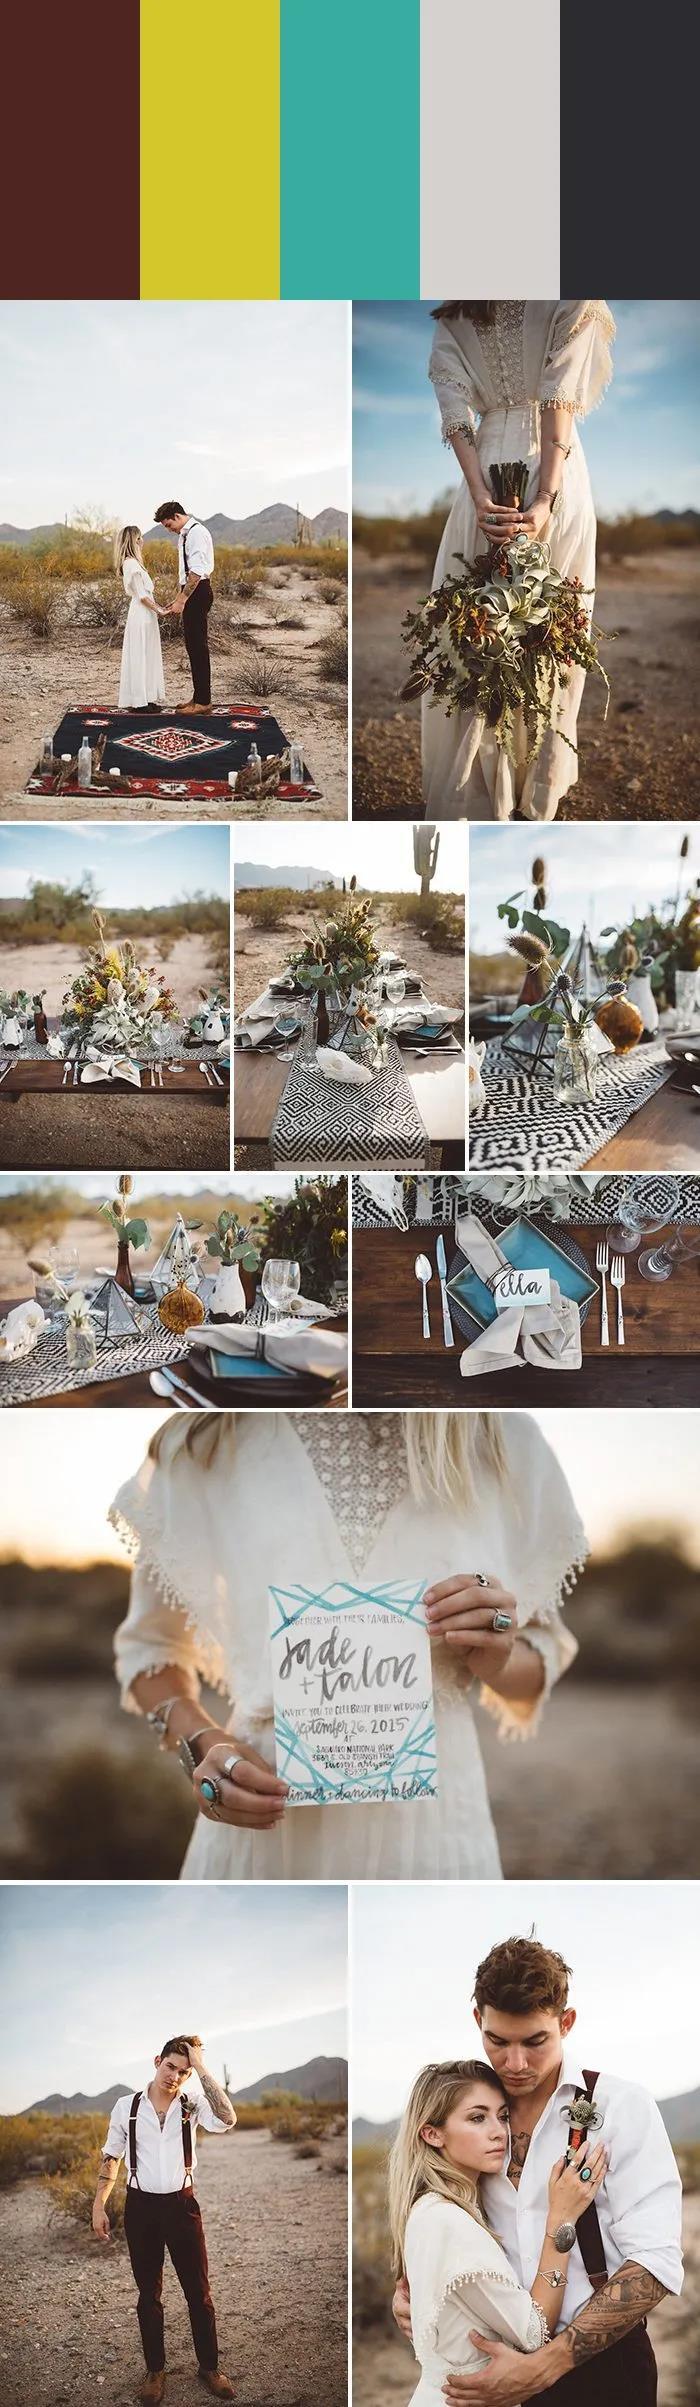 7种沙漠婚礼配色指南,找到适合你的沙漠风情!  第4张